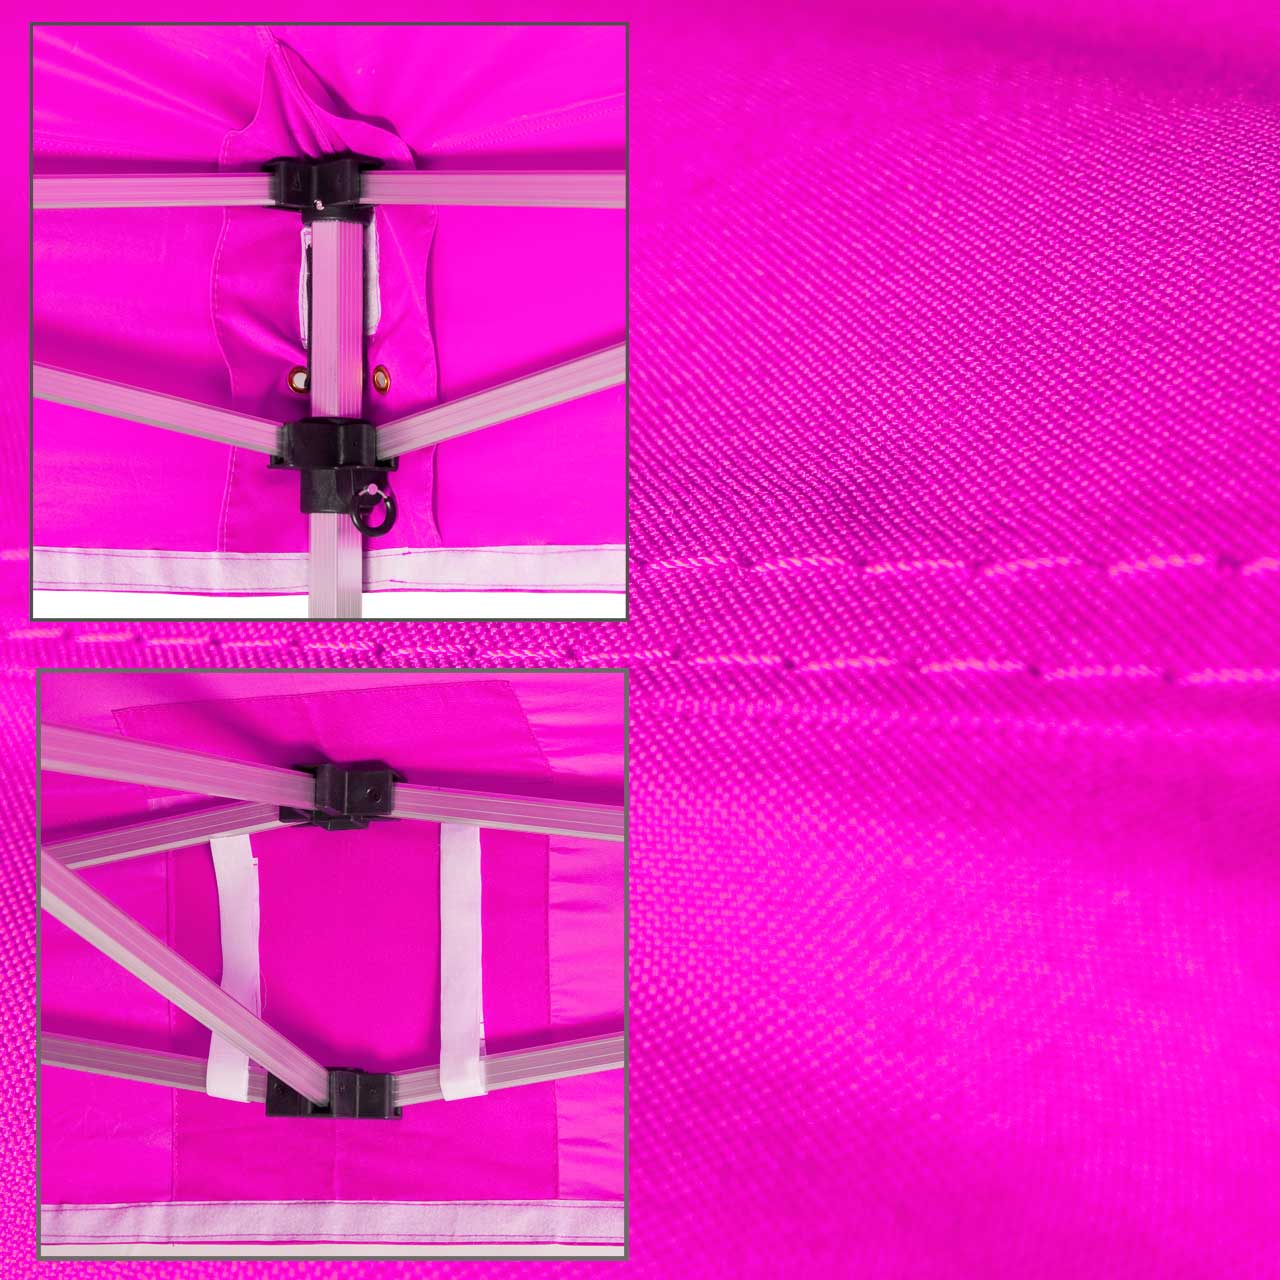 Faltpavillon-Dach-Pink